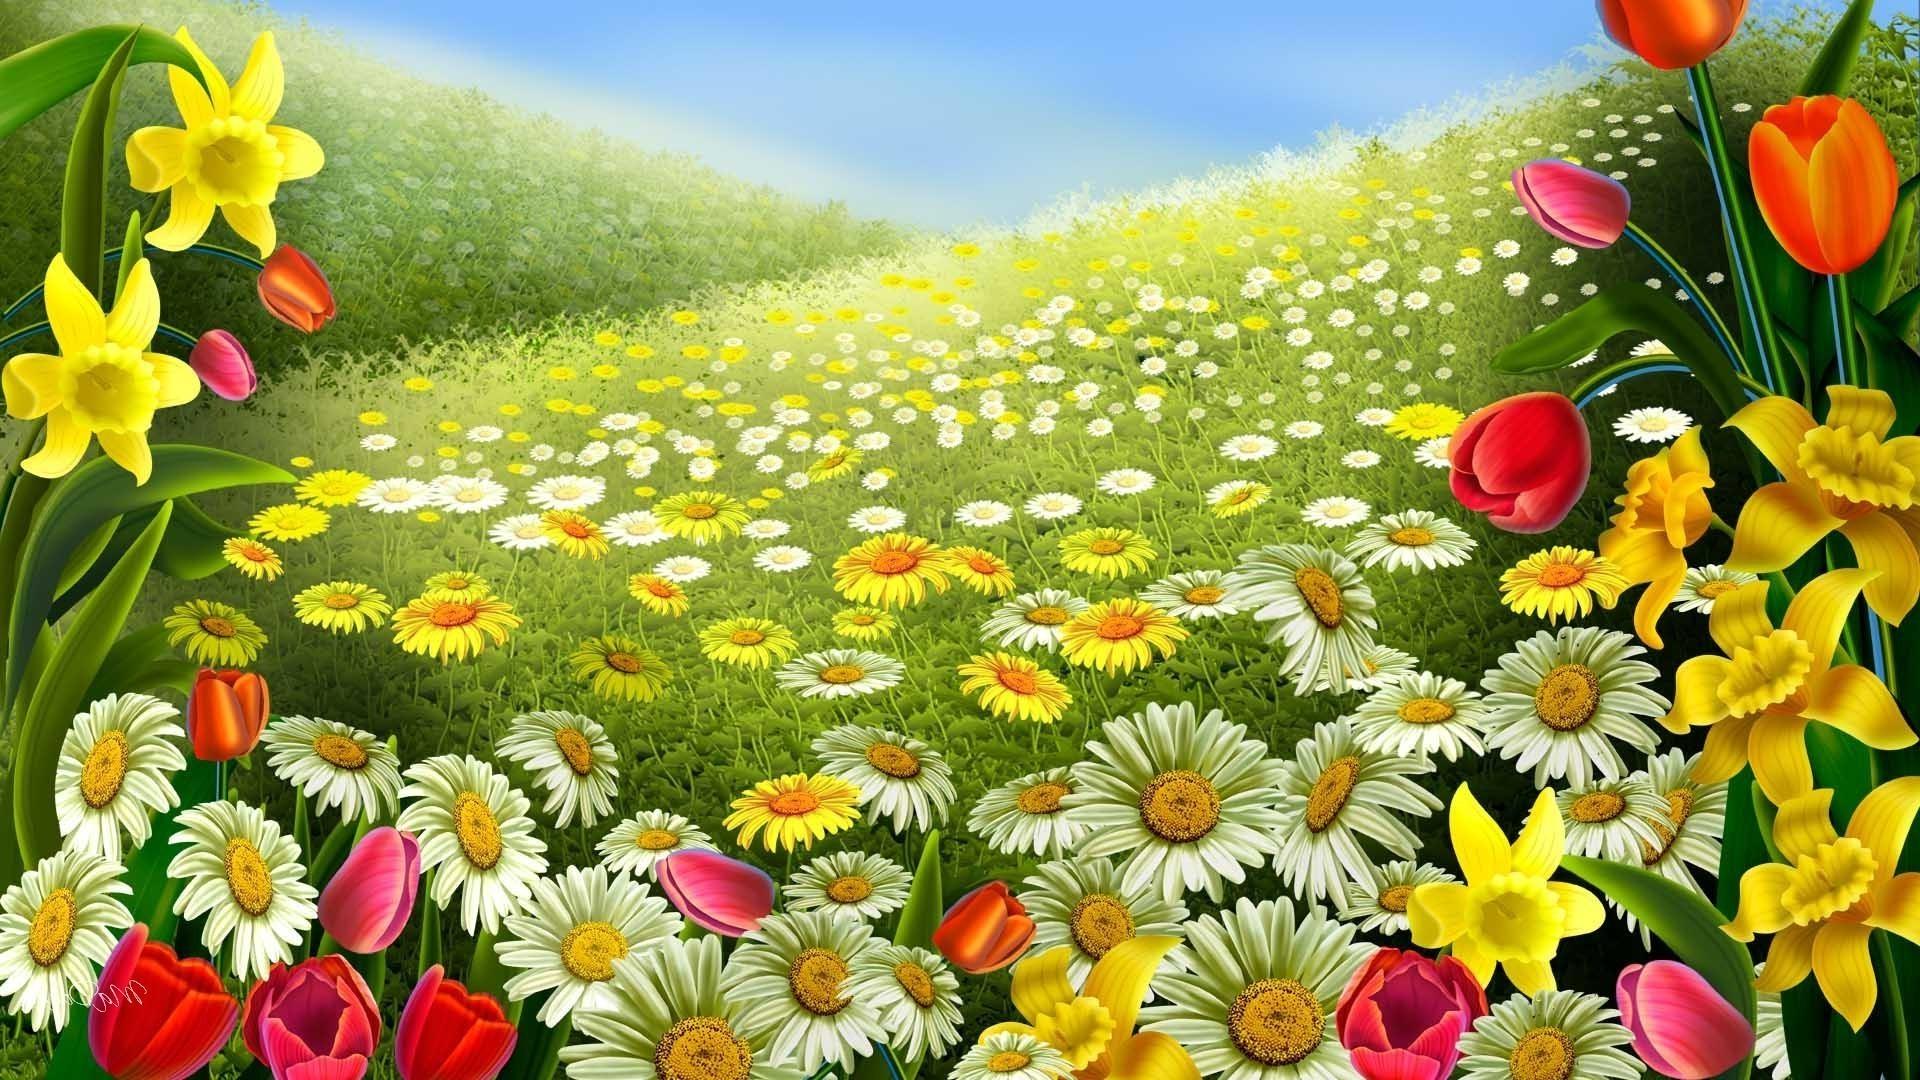 Картинки цветов на рабочий стол во весь экран » m 8